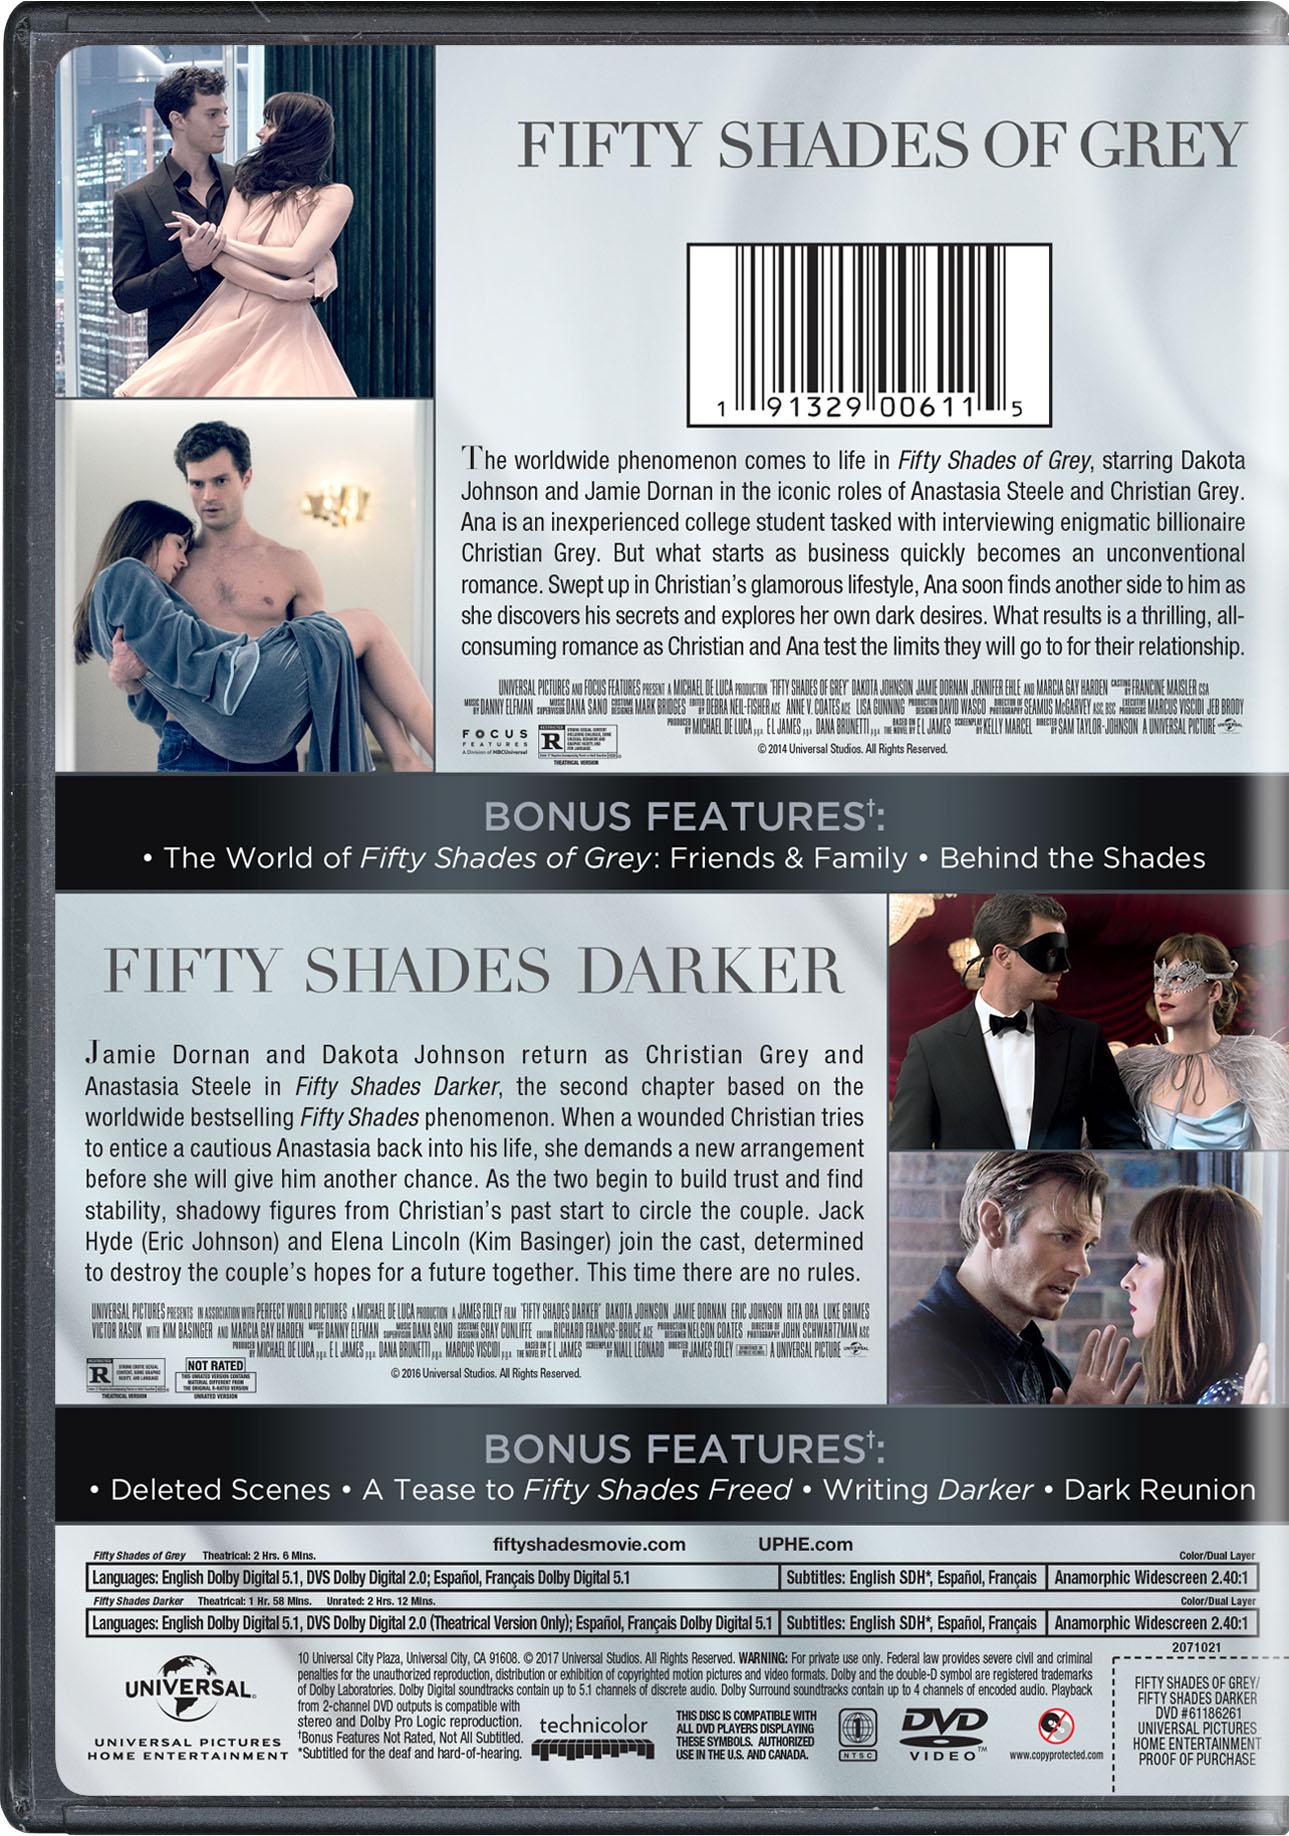 Fifty Shades Of Grey Movie Page Dvd Blu Ray Digital Hd